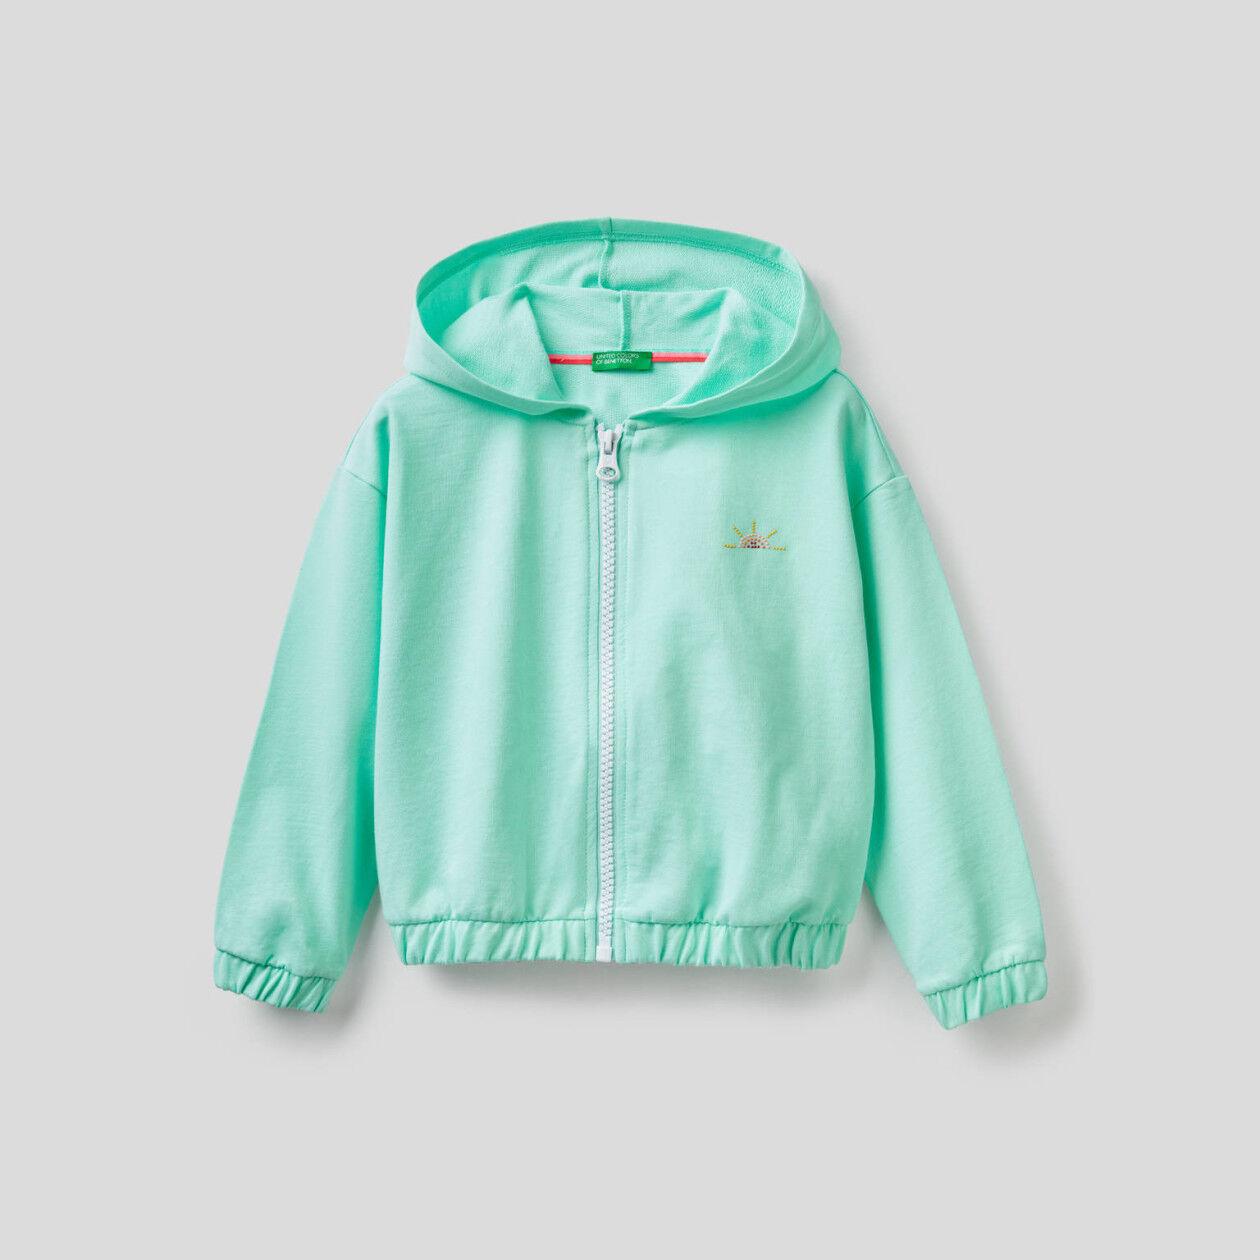 Lightweight zip-up hoodie